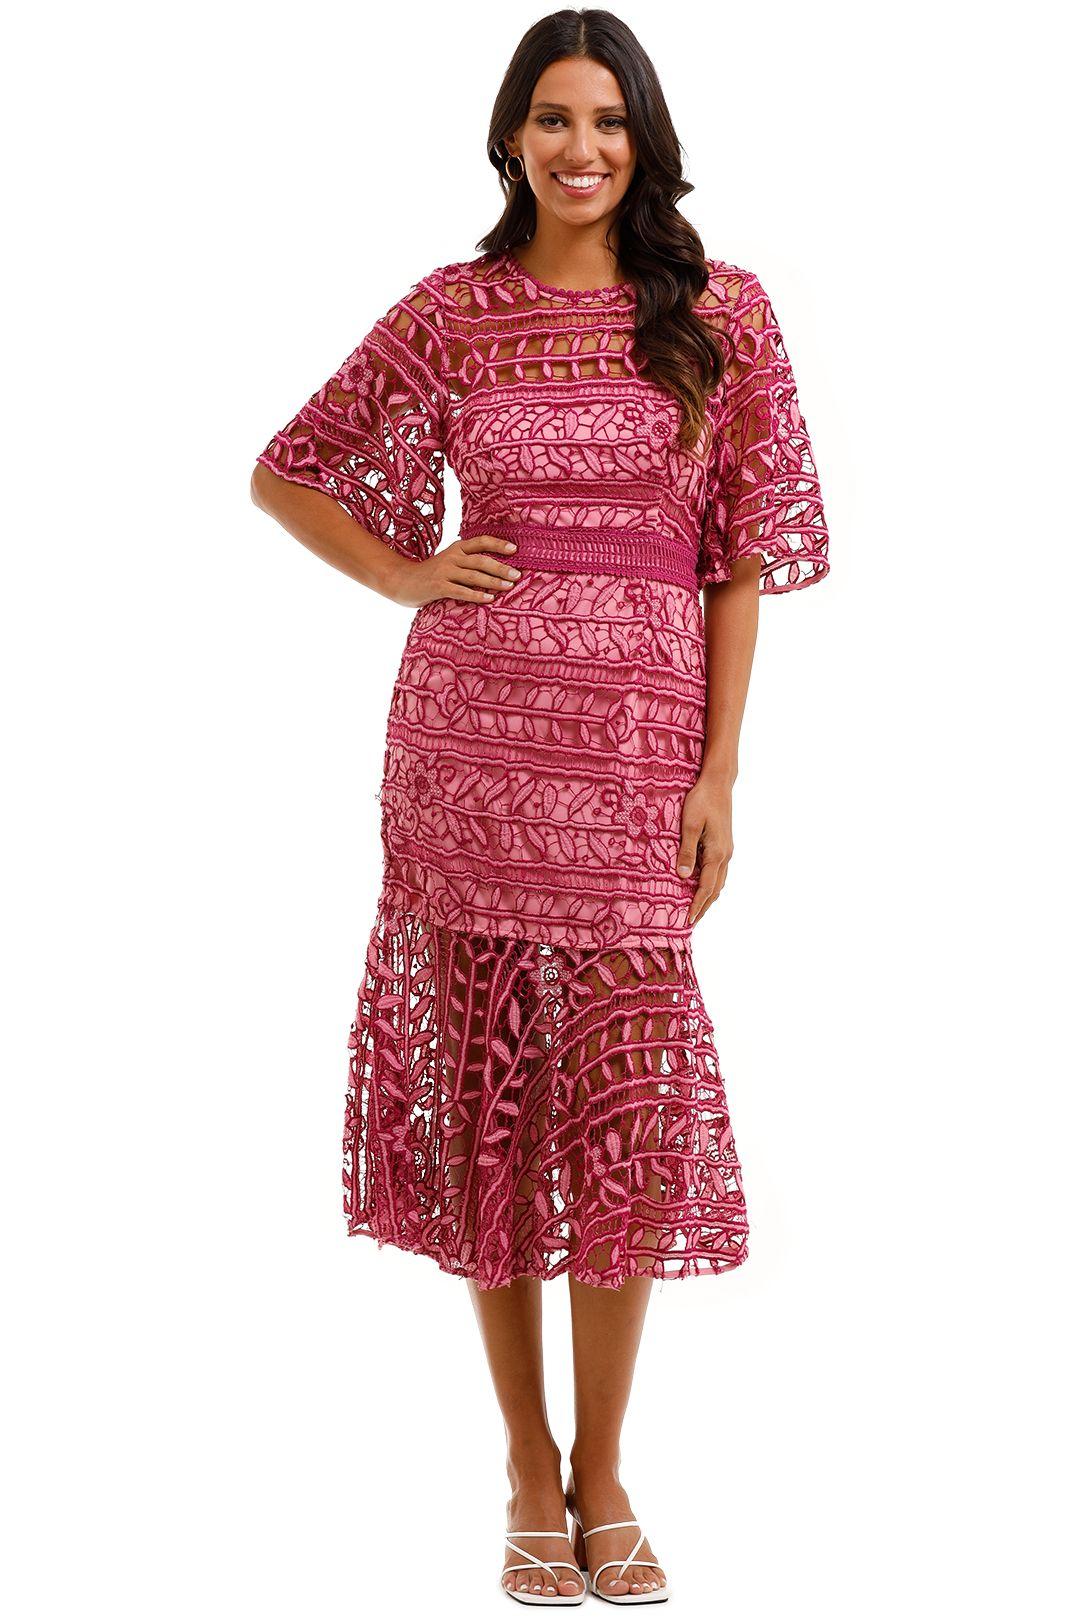 Talulah Caprice Midi Dress Pink Multi Leaves Lace